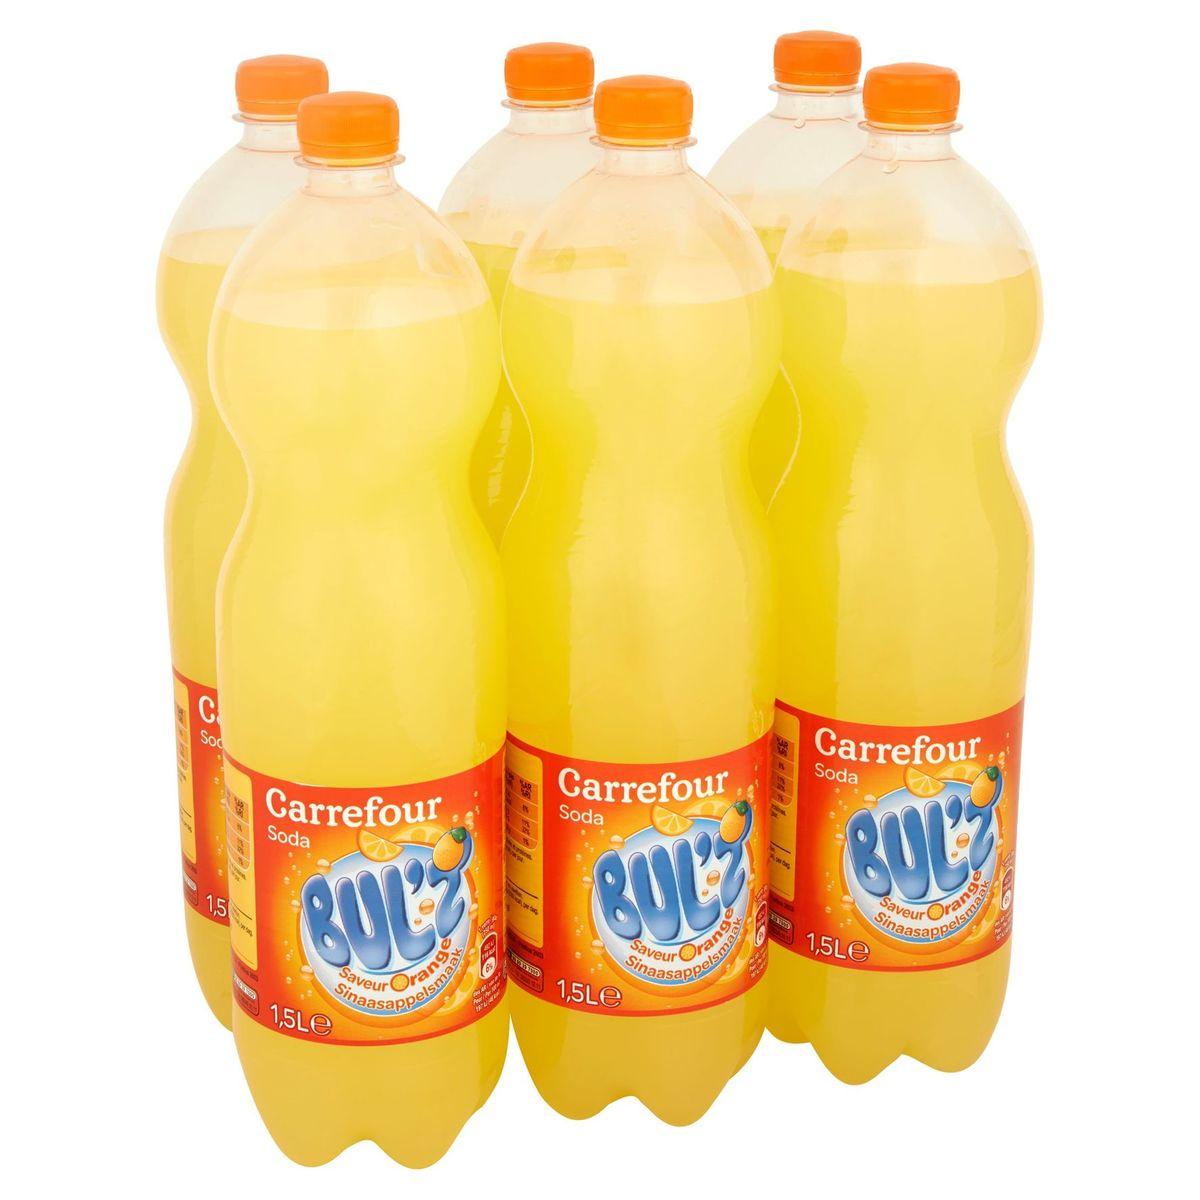 Carrefour Bul'z Soda Sinaasappelsmaak 6 x 1.5 L